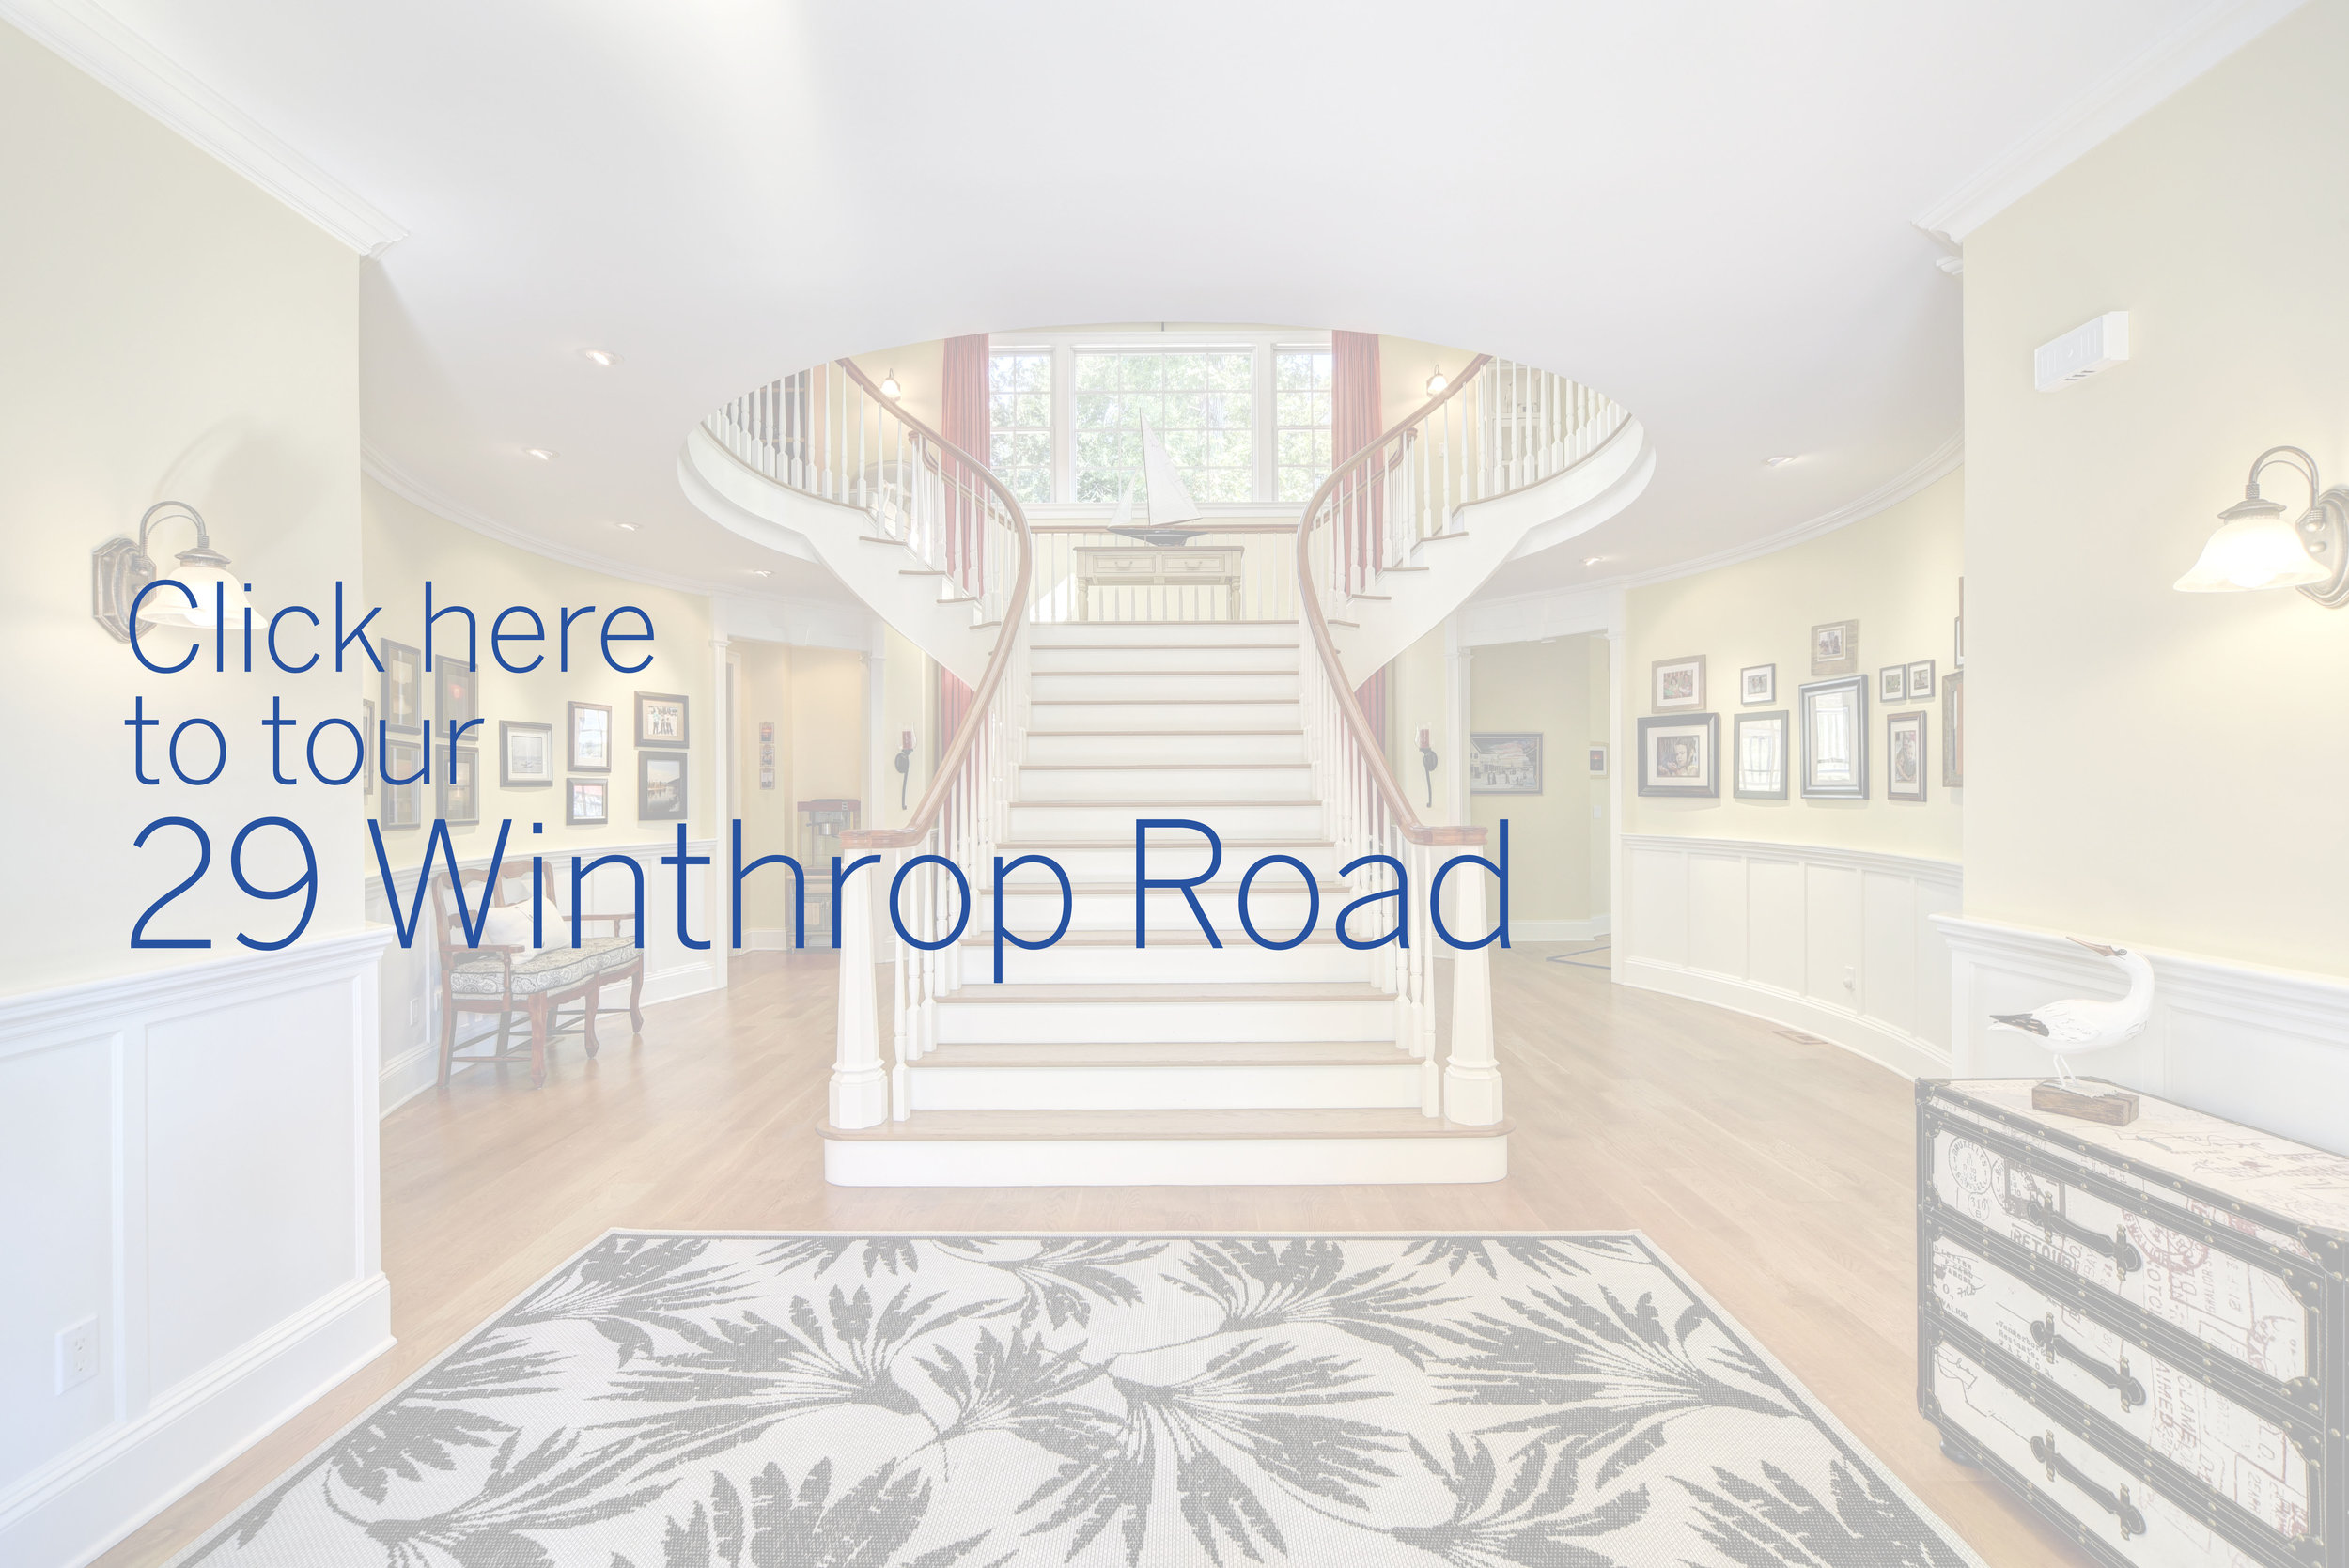 29 Winthrop Rd-clickable.jpg